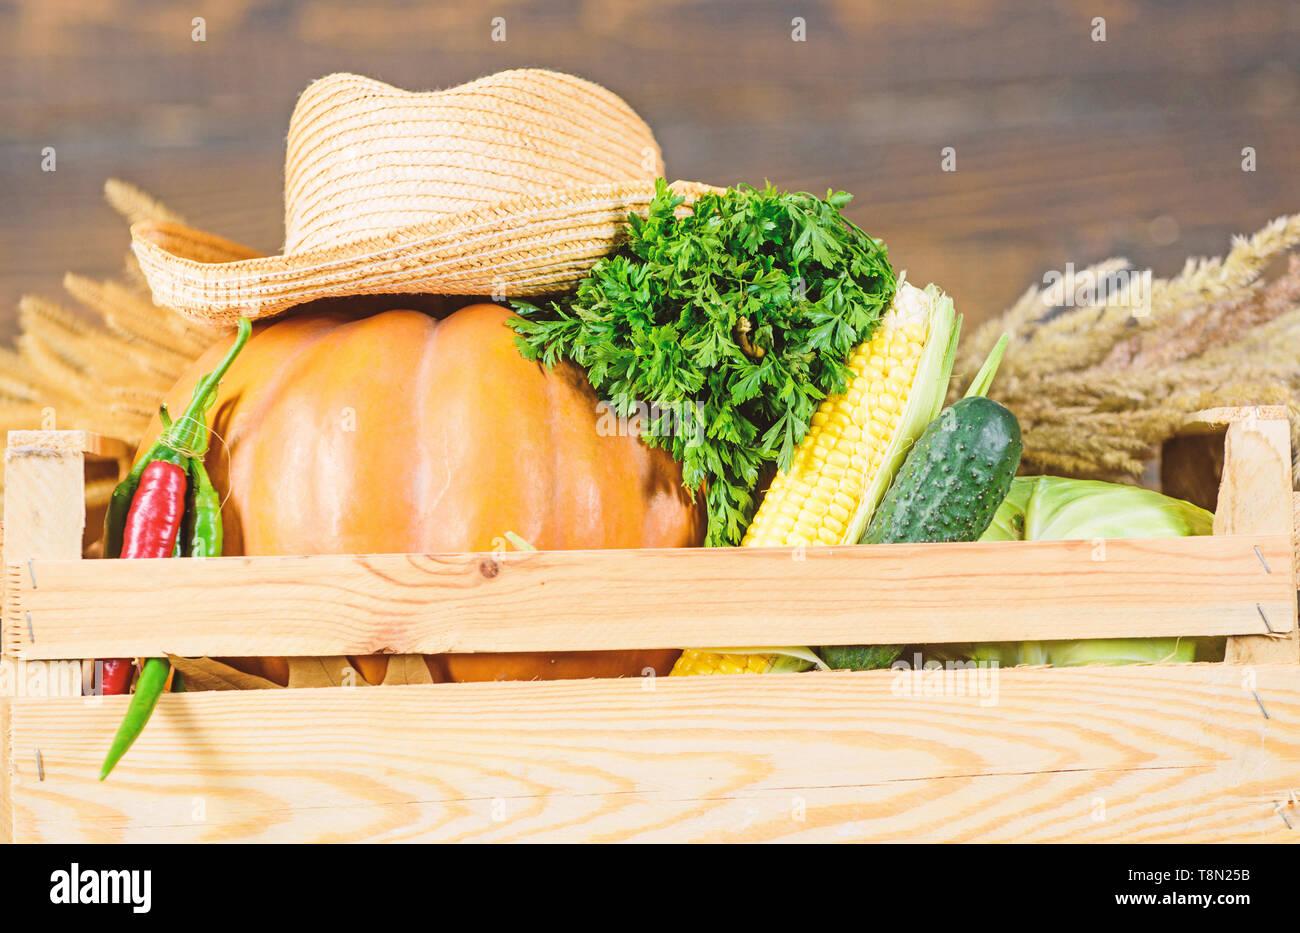 Buy fresh homegrown vegetables  Box or basket harvest